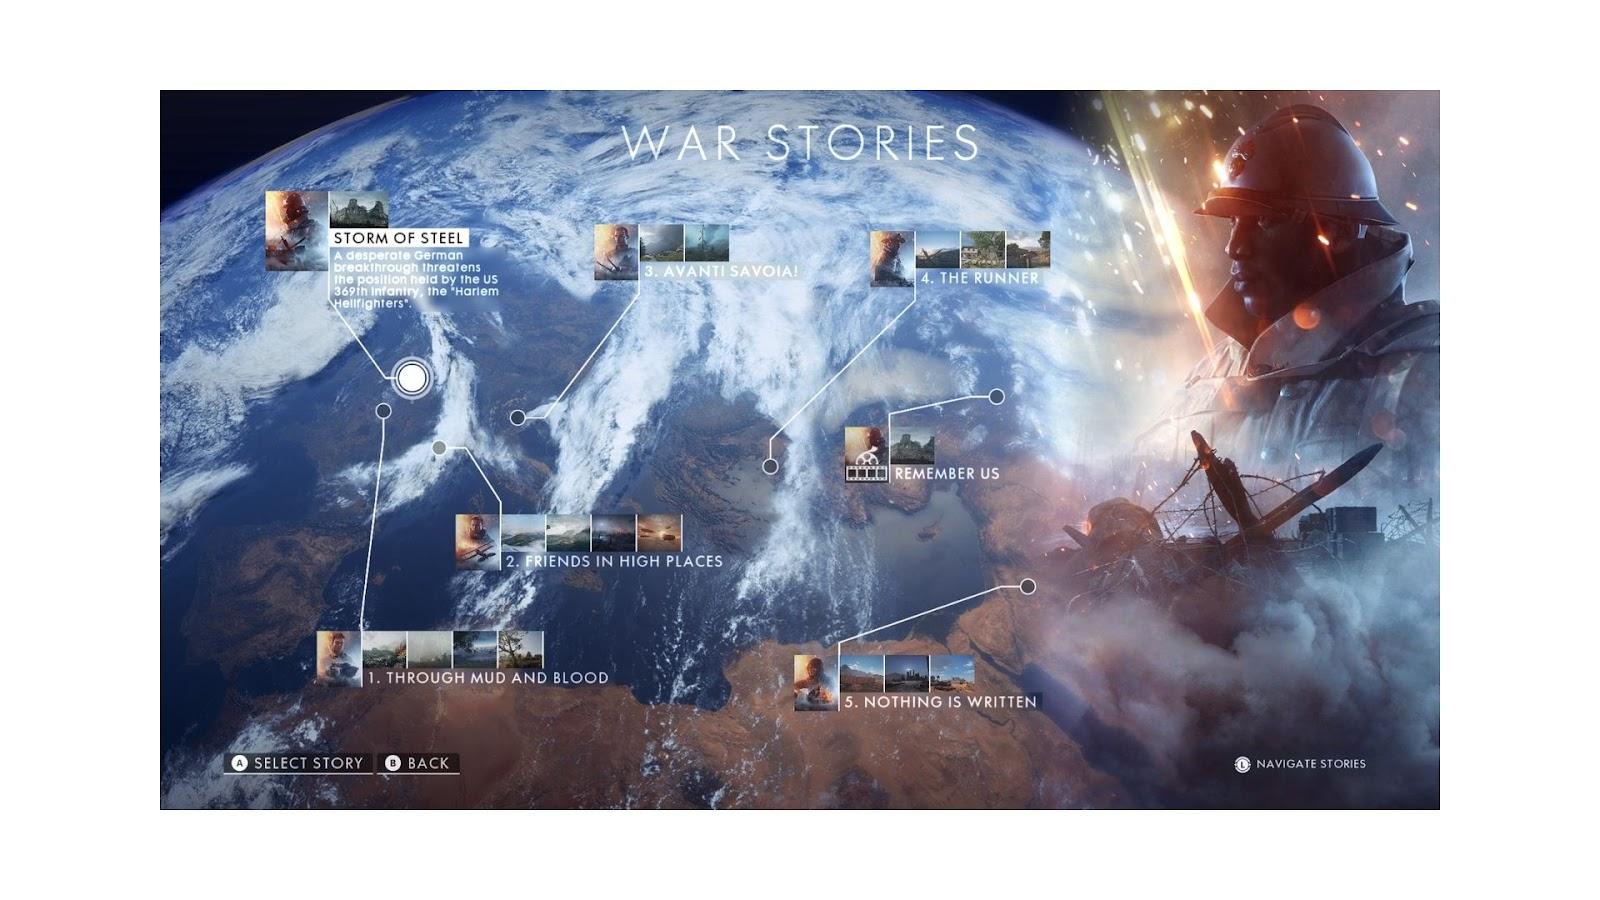 battlefield 1 campaign review war story menu